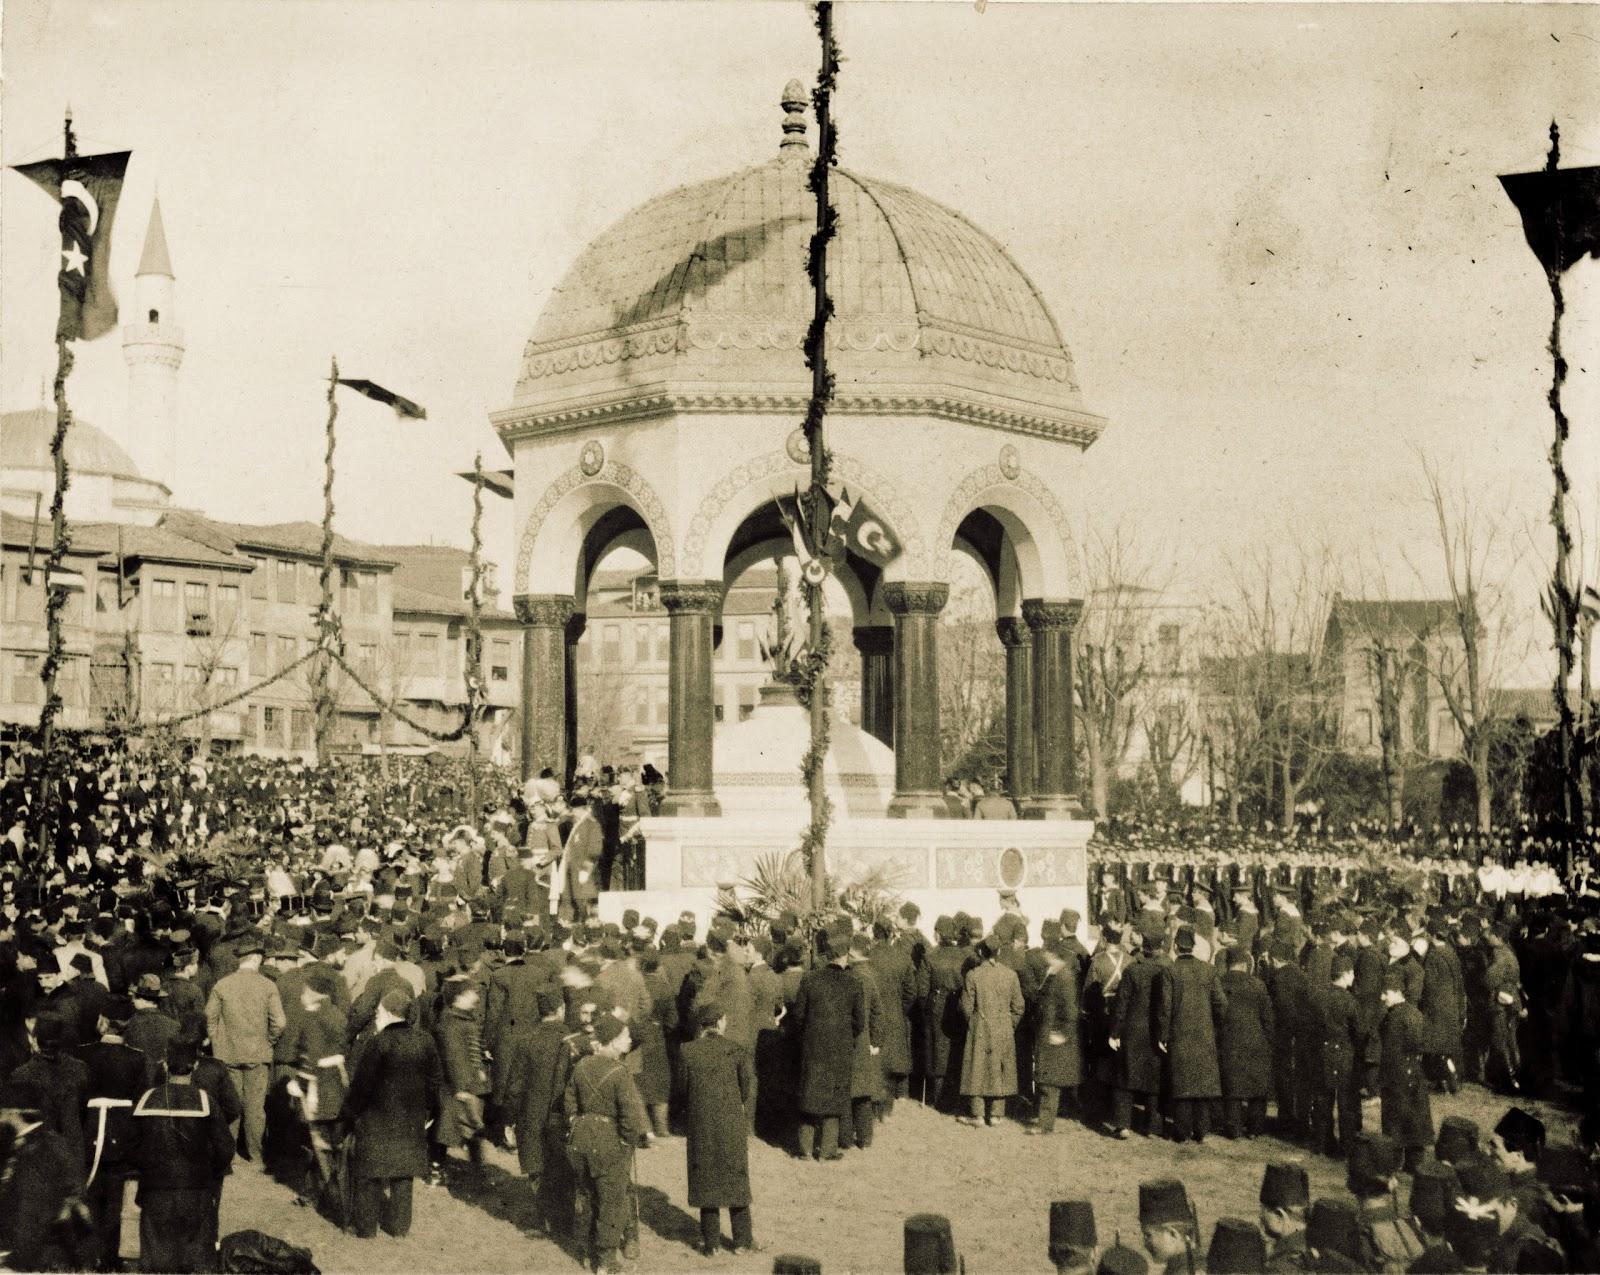 Alman Çeşmesi German Fountain. Almanya Kayzer Ziyareti İkinci Abdülhamid Hanı Memnun Etmiş. Alman İmparatoru II. Wilhelm'den Osmanlı Sultan Abdül Hamid Dost Ziyareti